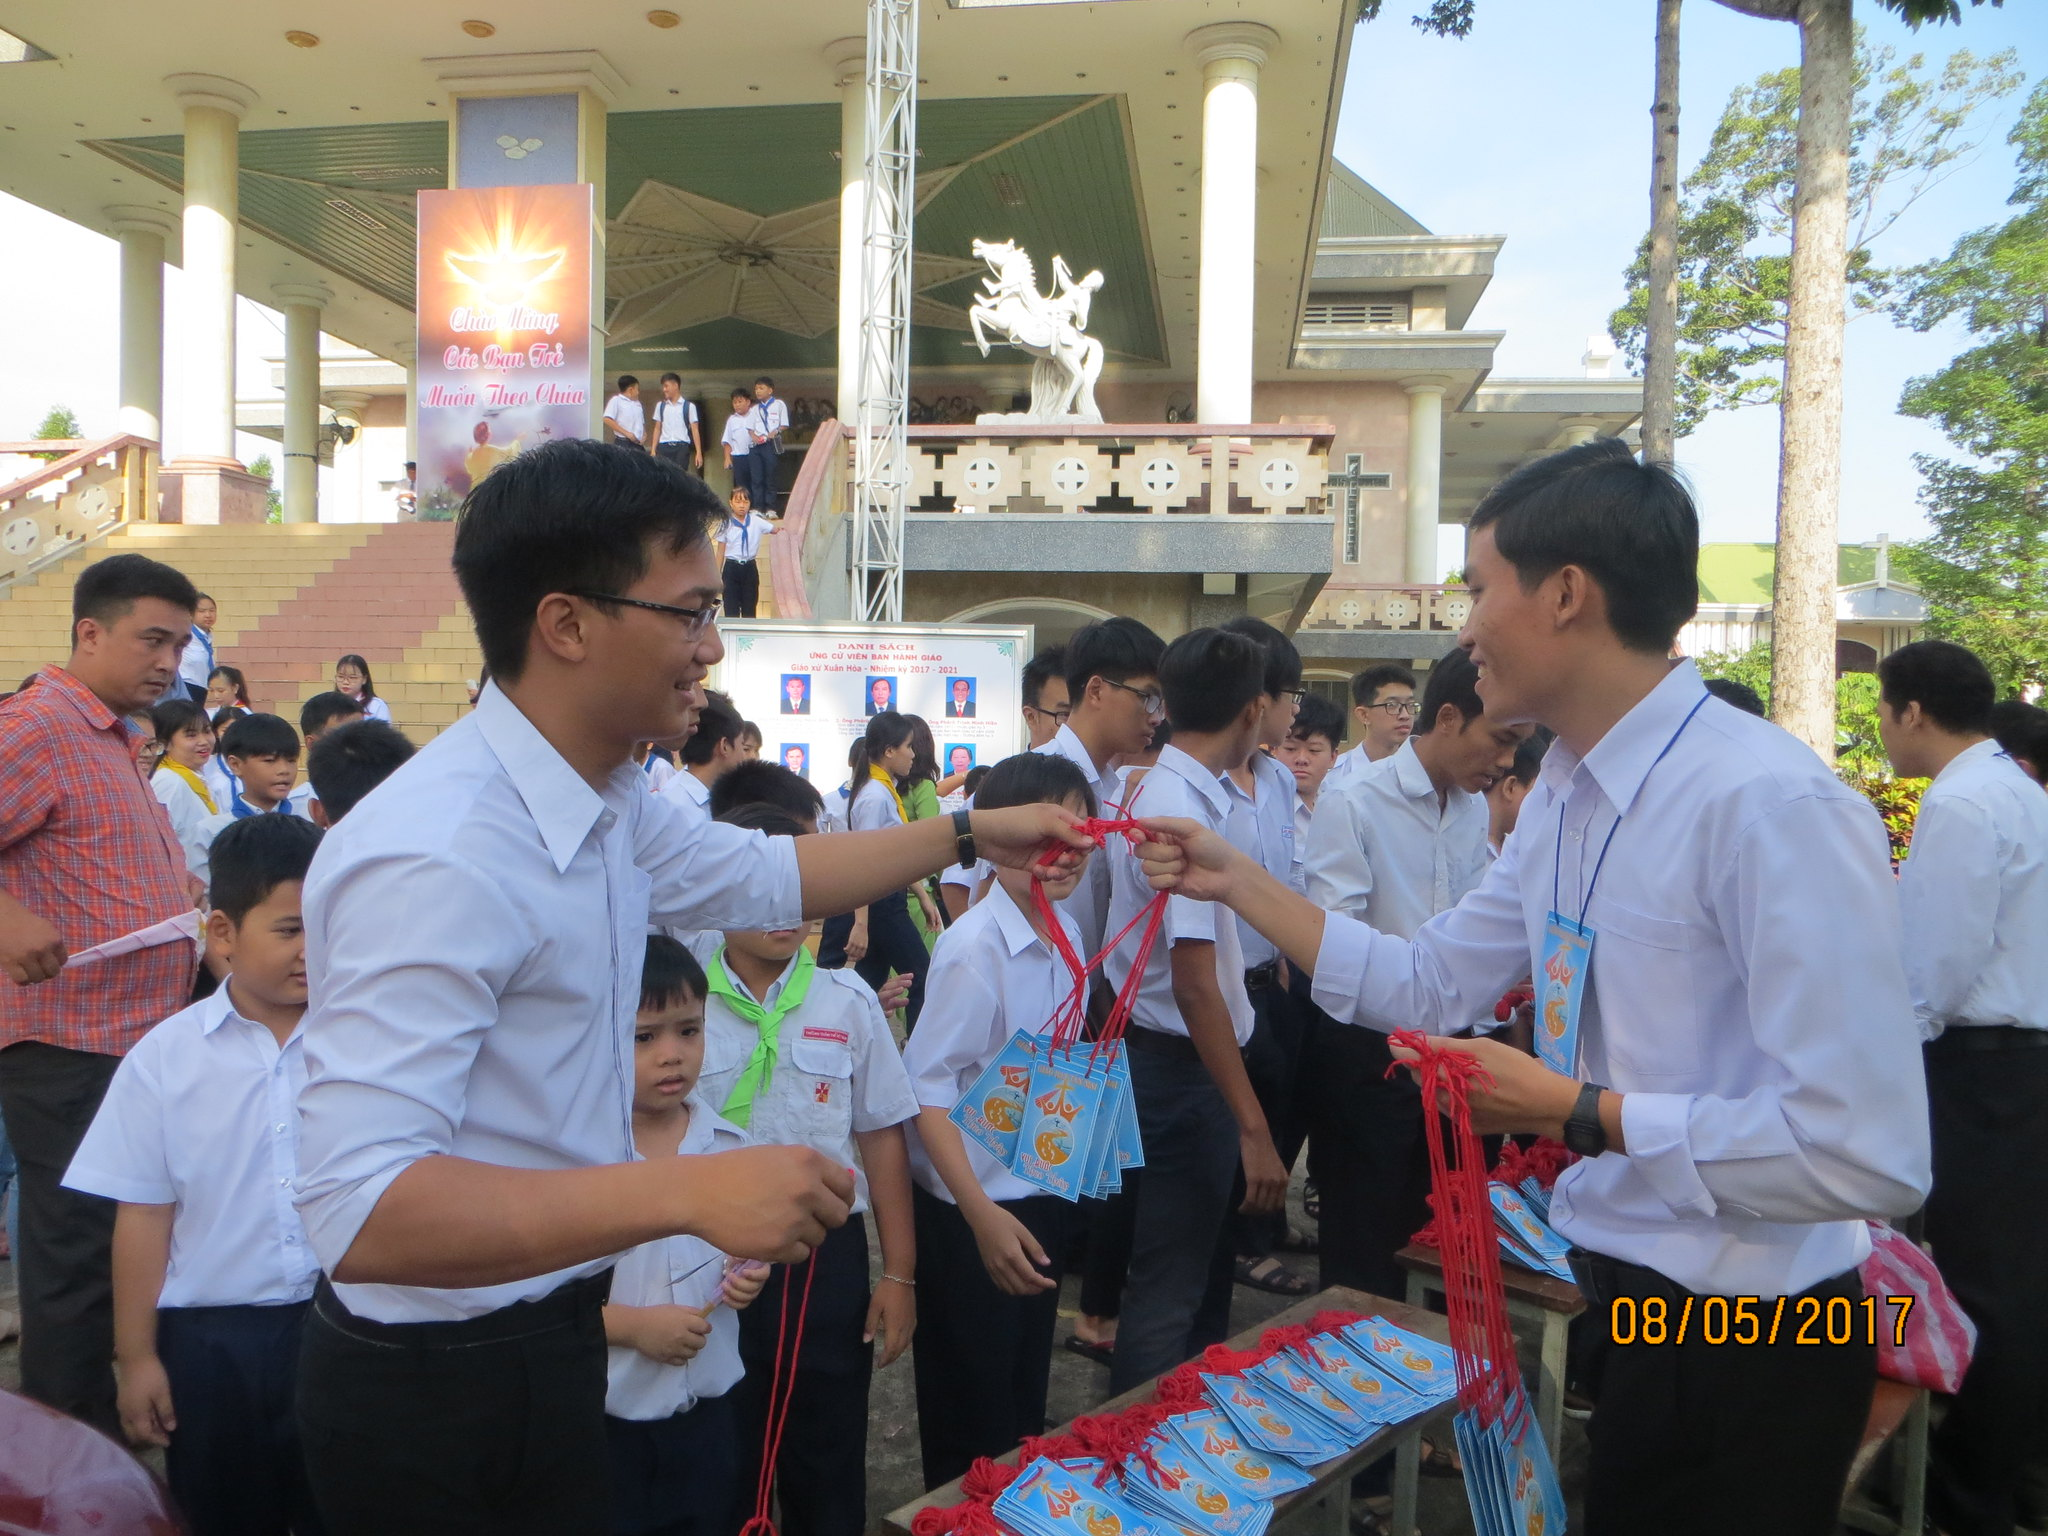 Ngày Ơn Gọi 2017 - Hạt Tân Mai